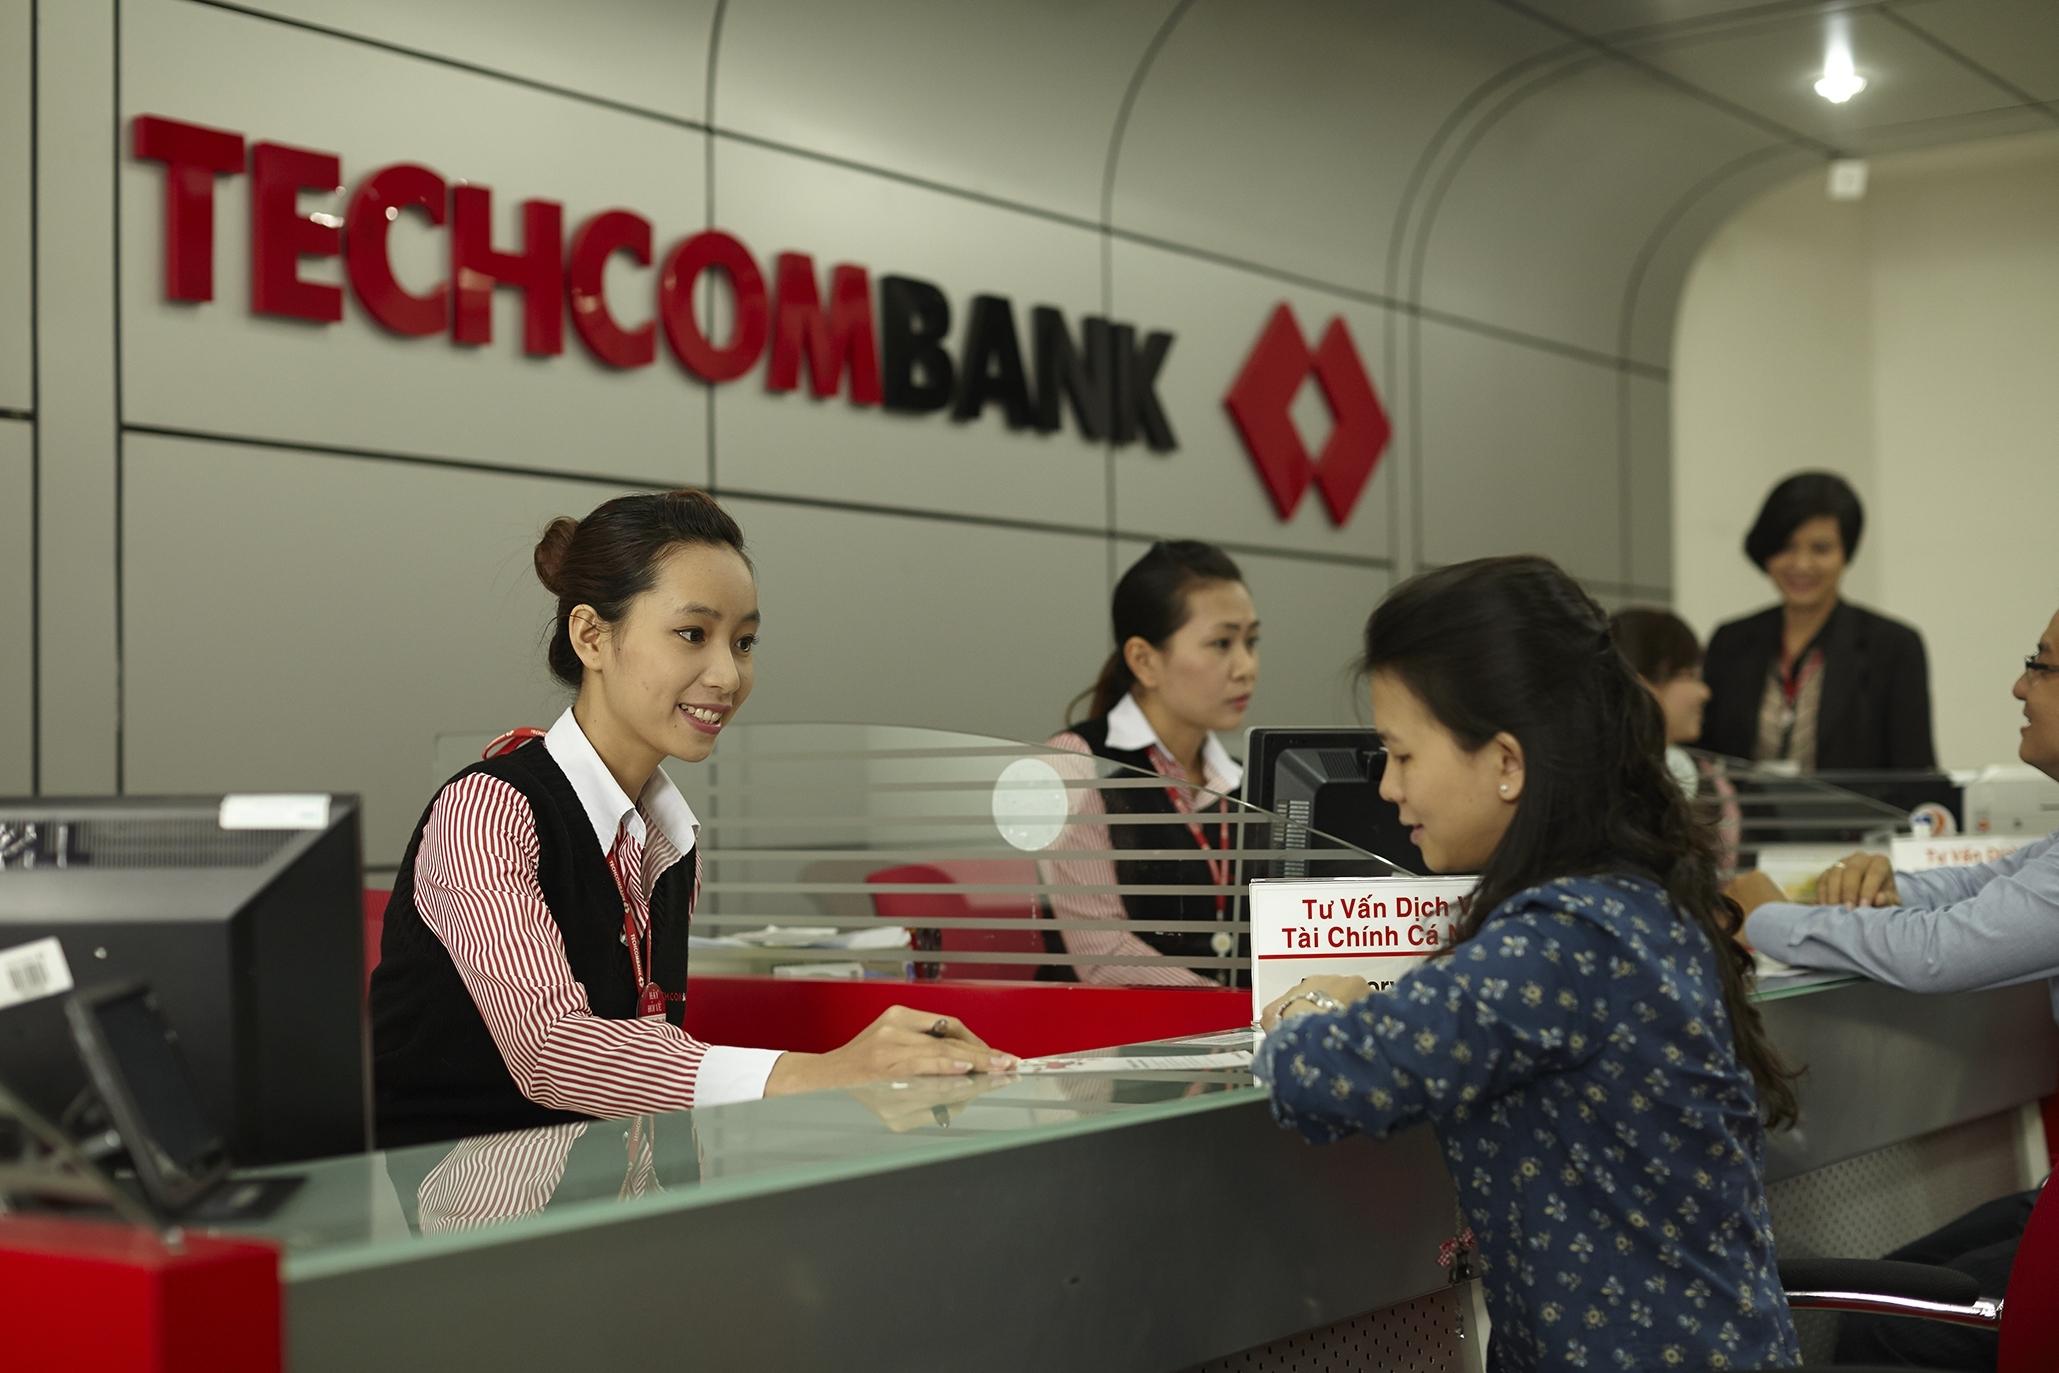 Năm 2000, bà Nga trở thành cổ đông của Ngân hàng thương mại cổ phần Kỹ thương Việt Nam (Techcombank) và hai năm sau được bầu giữ̃ chức vụ phó chủ tịch ngân hàng này. Năm 2005, bà thay thế ông Lê Kiên Thành, trở thành Chủ tịch trong khoảng thời gian trống giữa hai nhiệm kỳ.